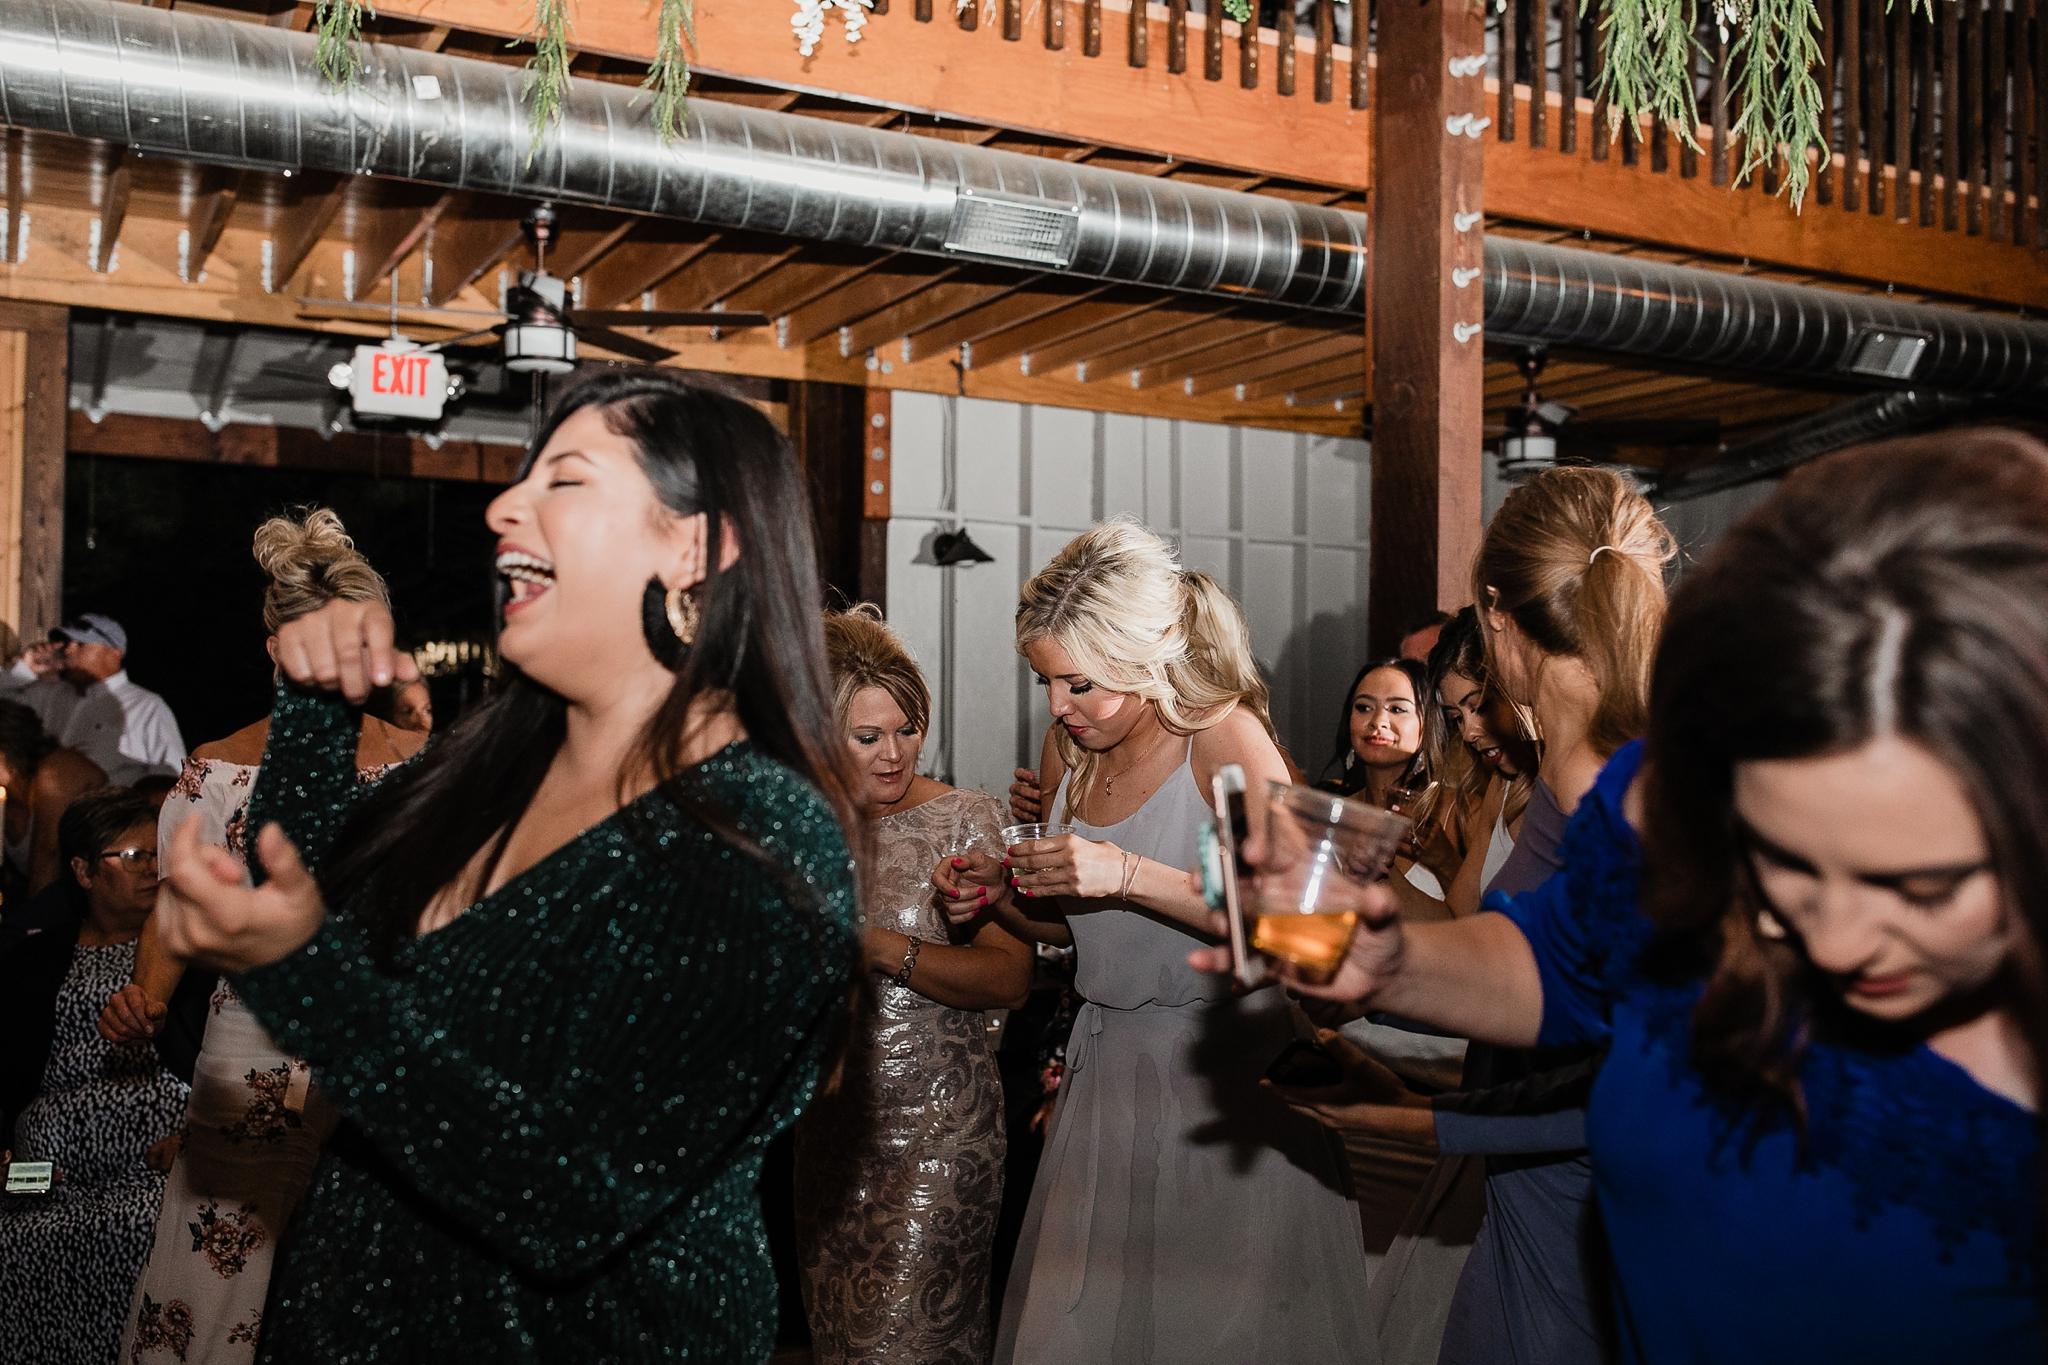 Alicia+lucia+photography+-+albuquerque+wedding+photographer+-+santa+fe+wedding+photography+-+new+mexico+wedding+photographer+-+new+mexico+wedding+-+new+mexico+wedding+-+barn+wedding+-+enchanted+vine+barn+wedding+-+ruidoso+wedding_0168.jpg